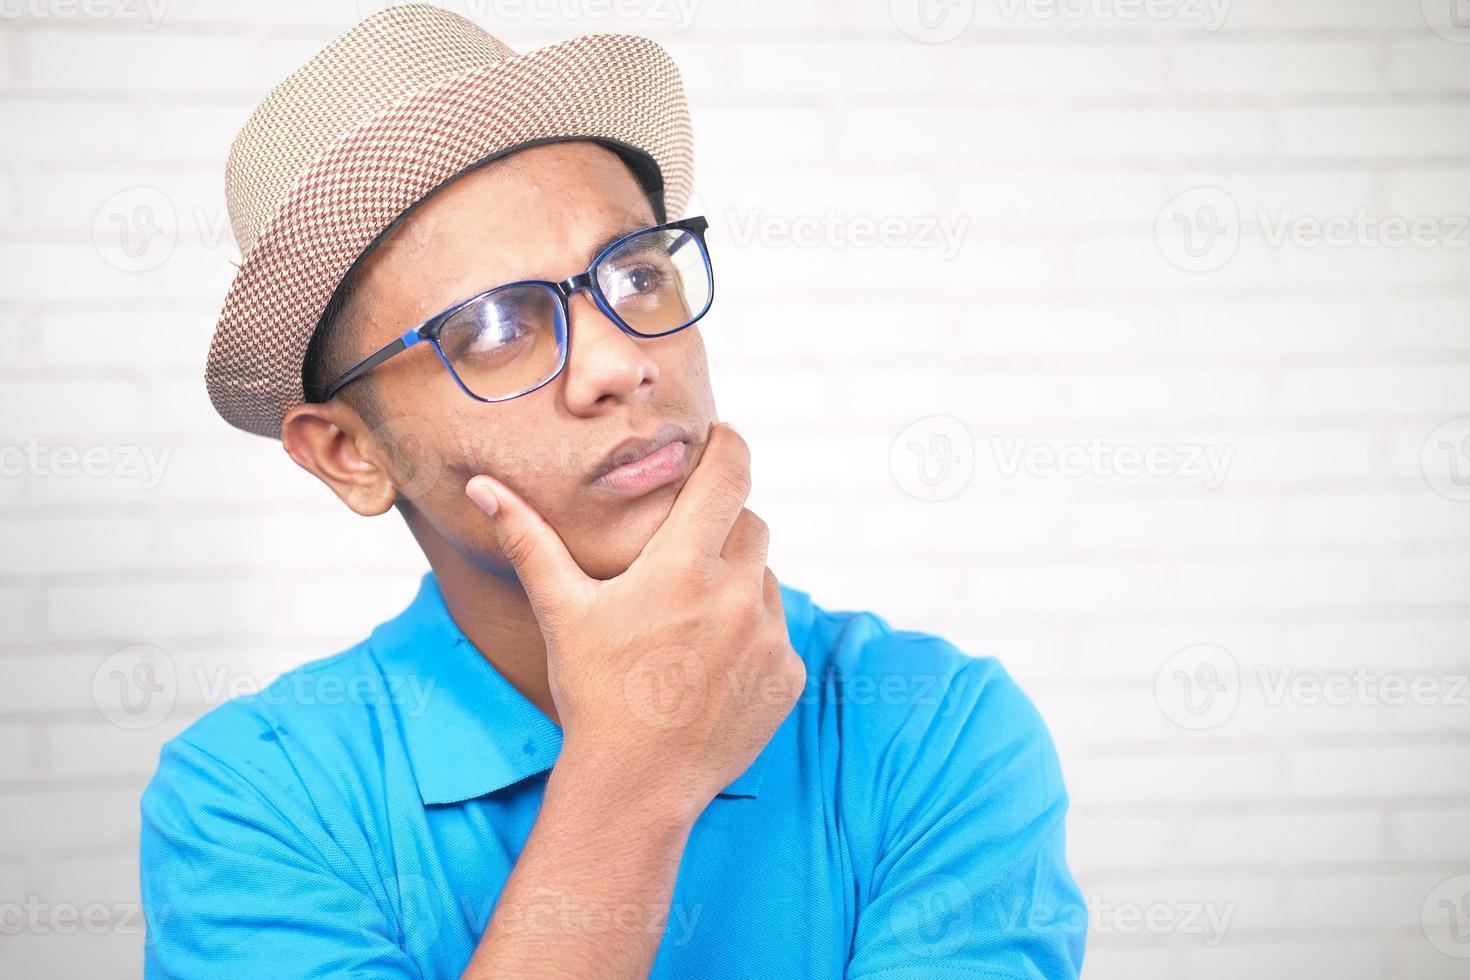 nachdenklicher Mann mit Hut und Brille, der wegschaut foto